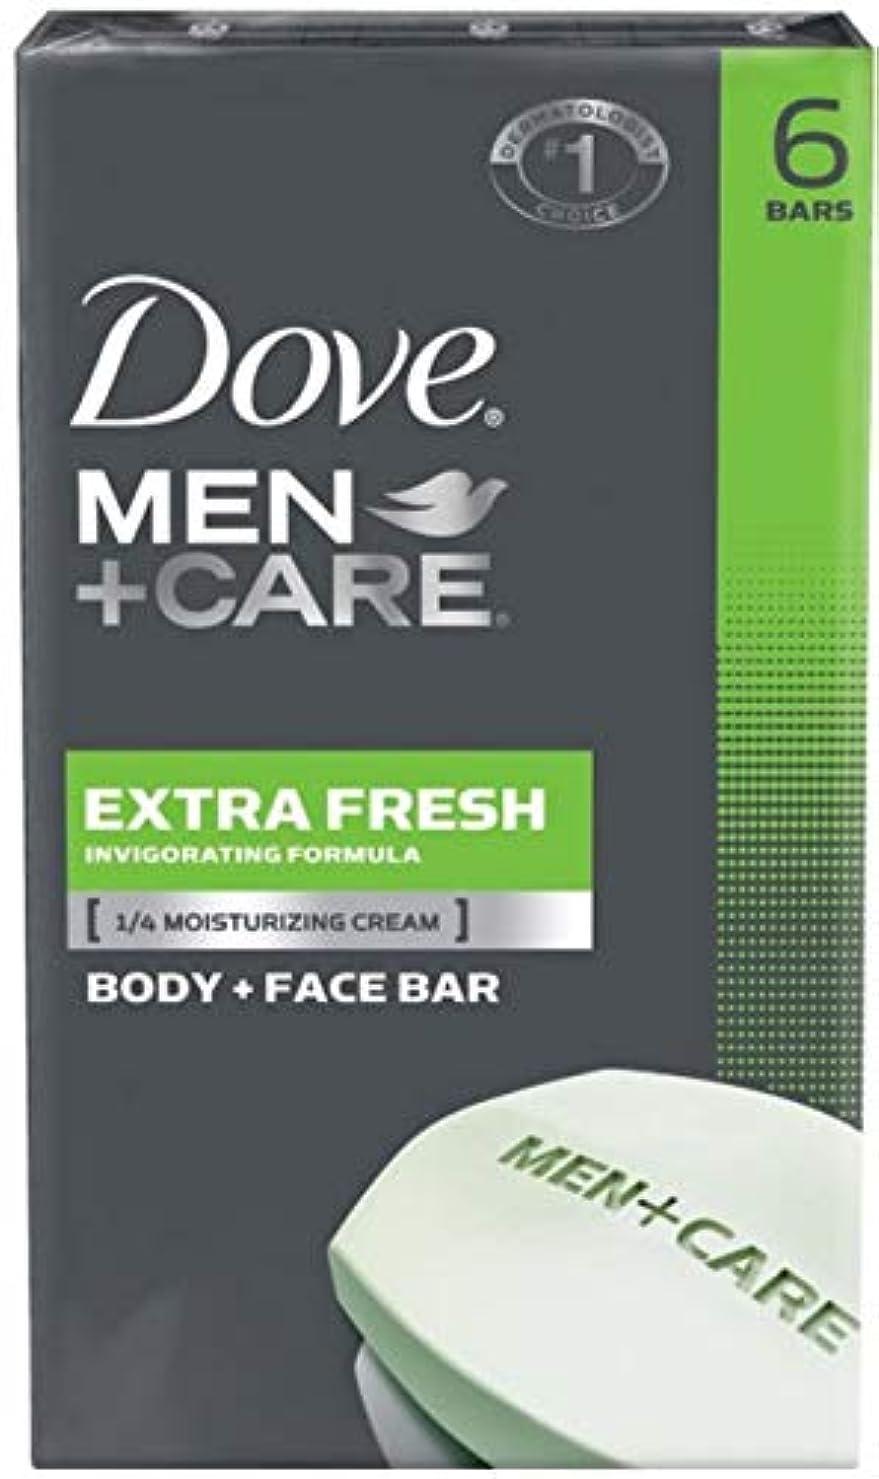 バリアと遊ぶ永久Dove Men + Care Body and Face Bar, Extra Fresh 4oz x 6soaps ダブ メン プラスケア エクストラフレッシュ 固形石鹸 4oz x 6個パック [海外直送品]